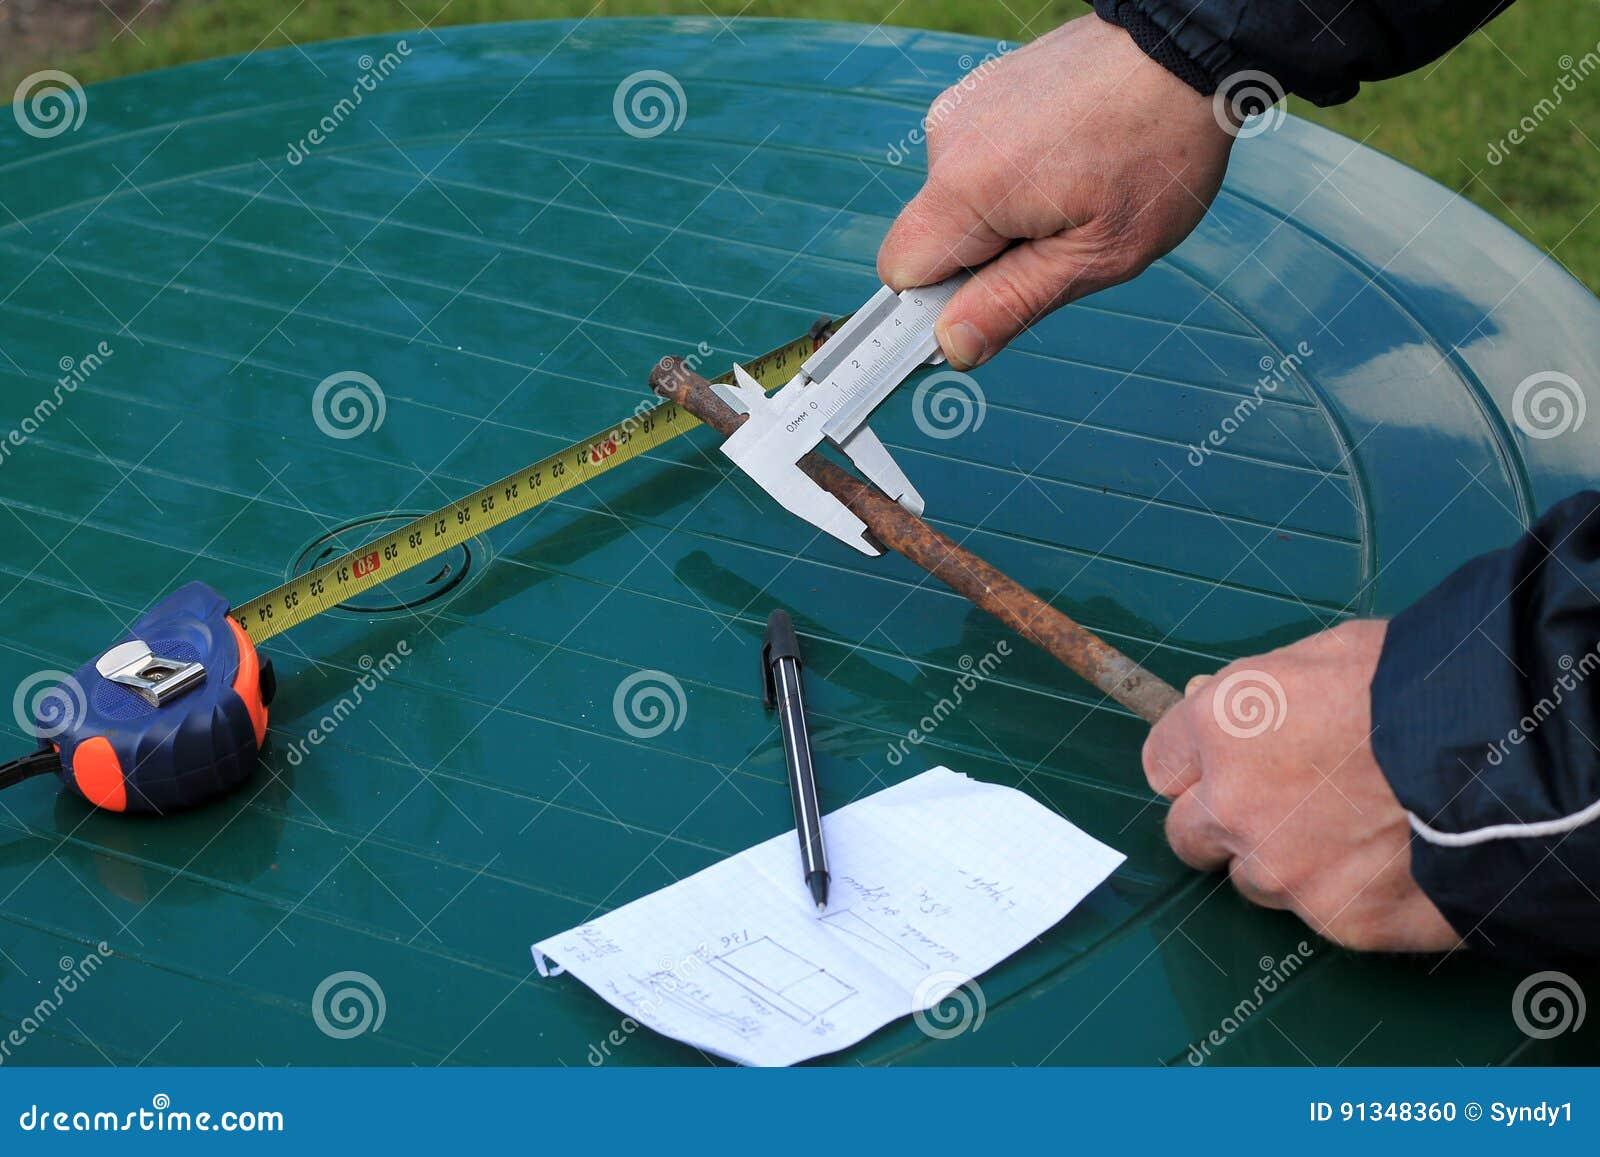 人测量与轮尺的金属棒直径